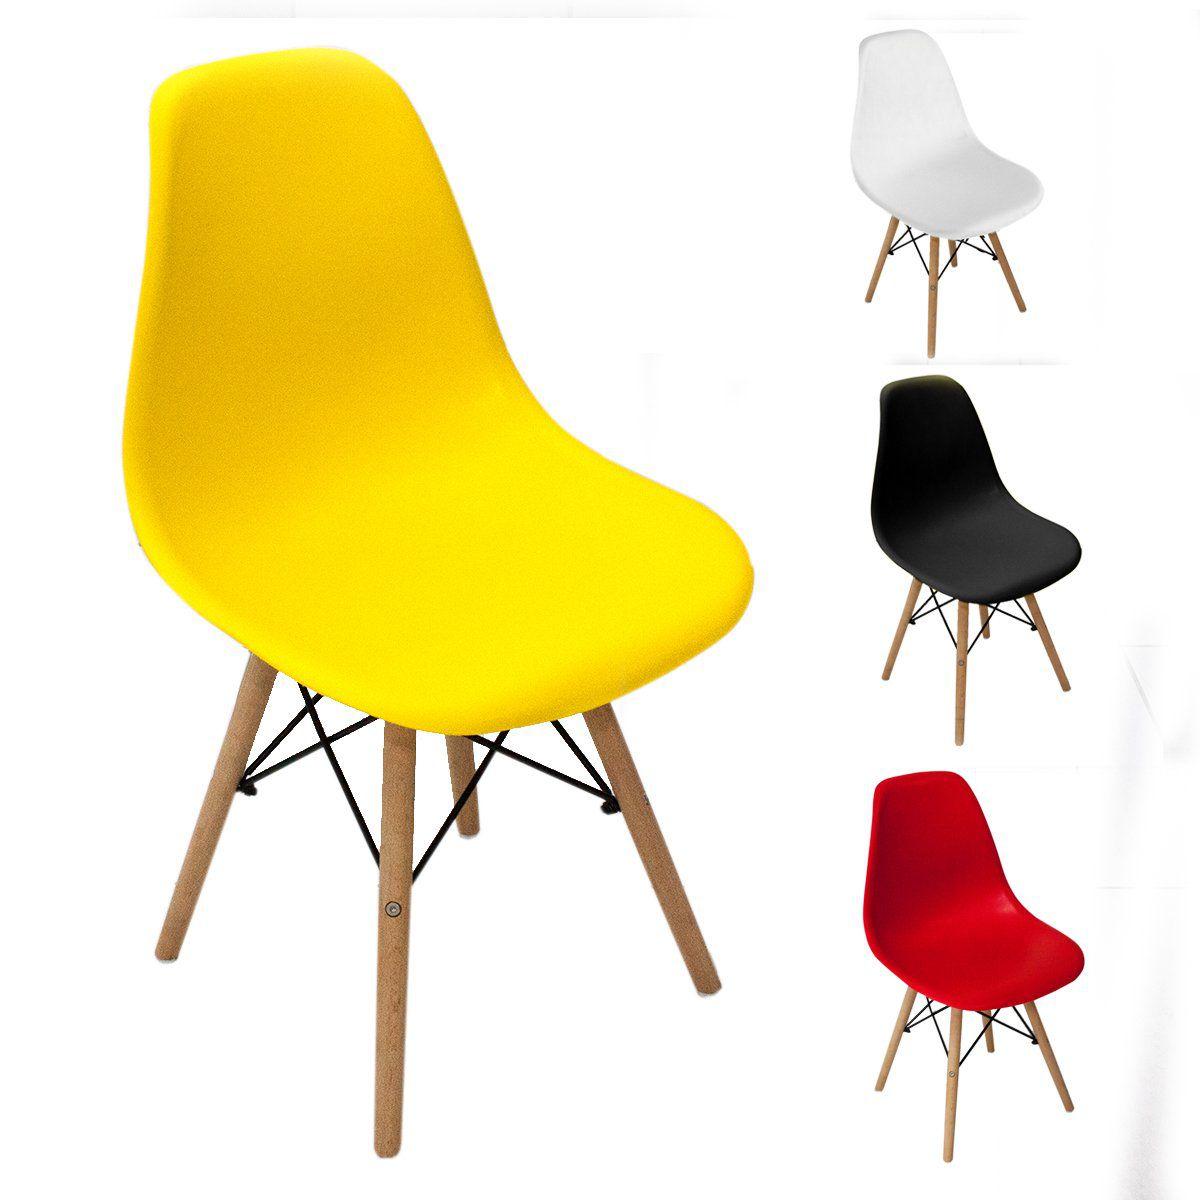 Cadeira Charles Eames Wood Design Cores Fosco Base Madeira